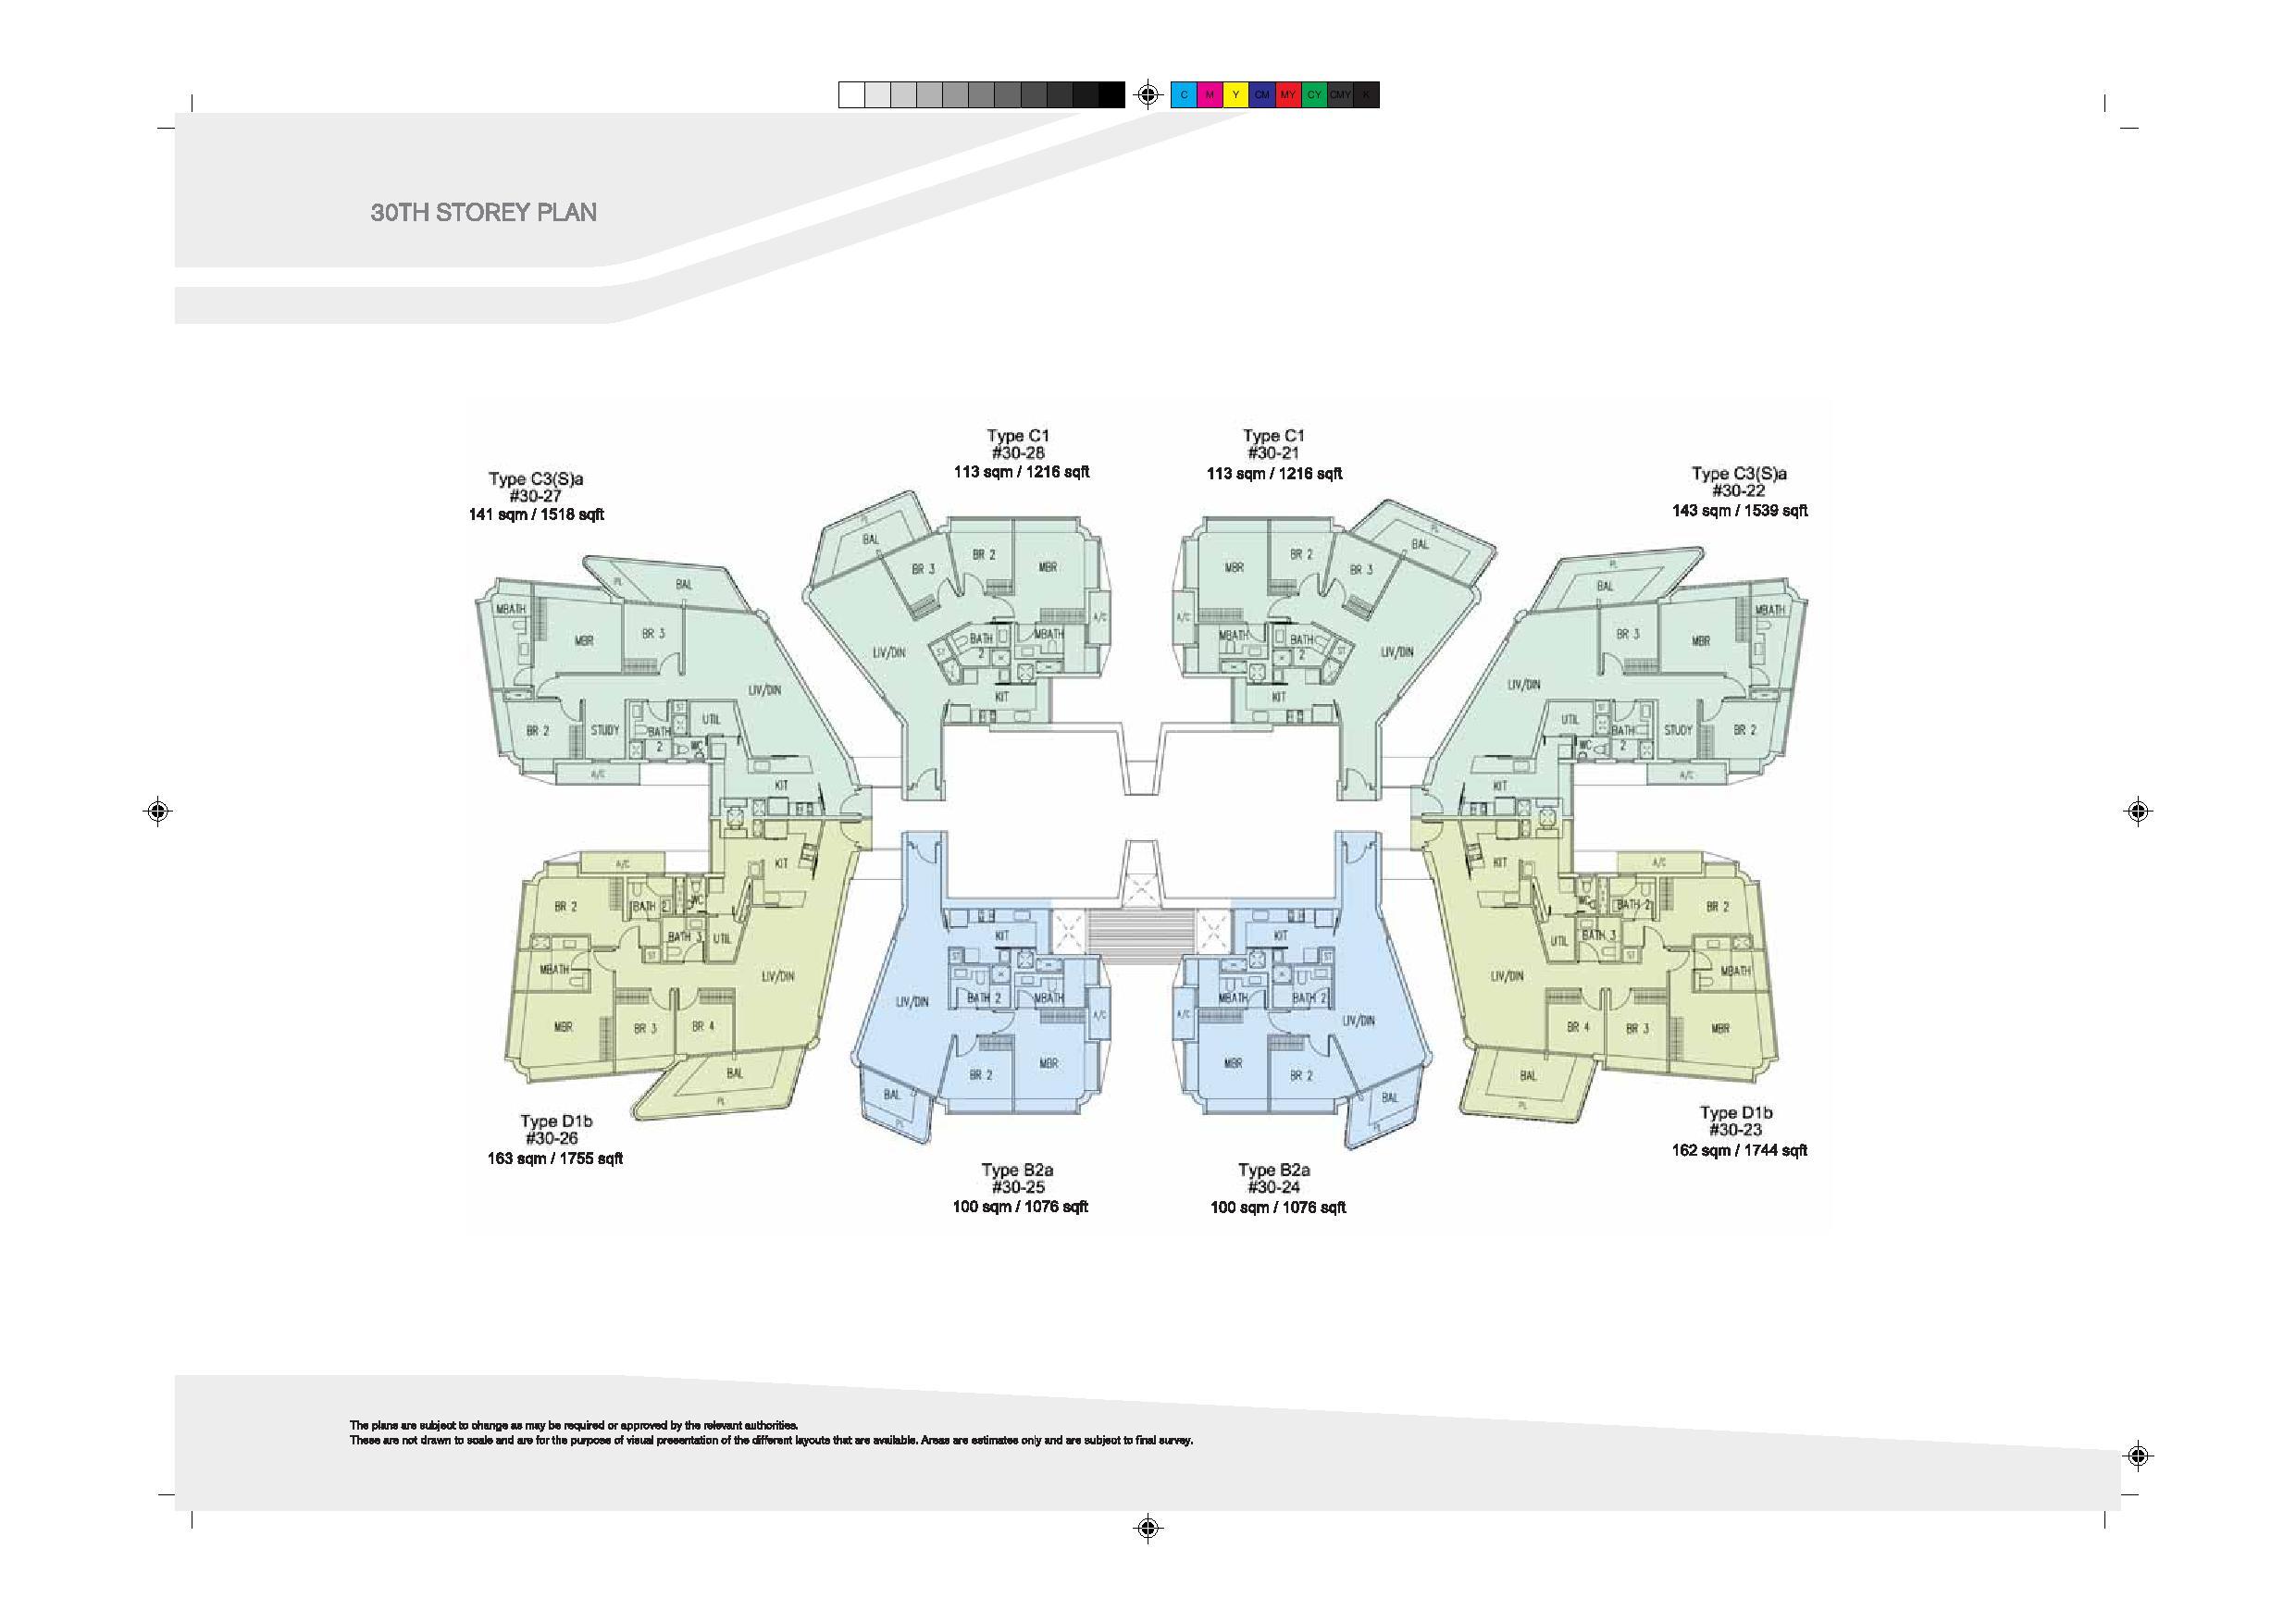 D'Leedon Block 9 30th Level Floor Plans